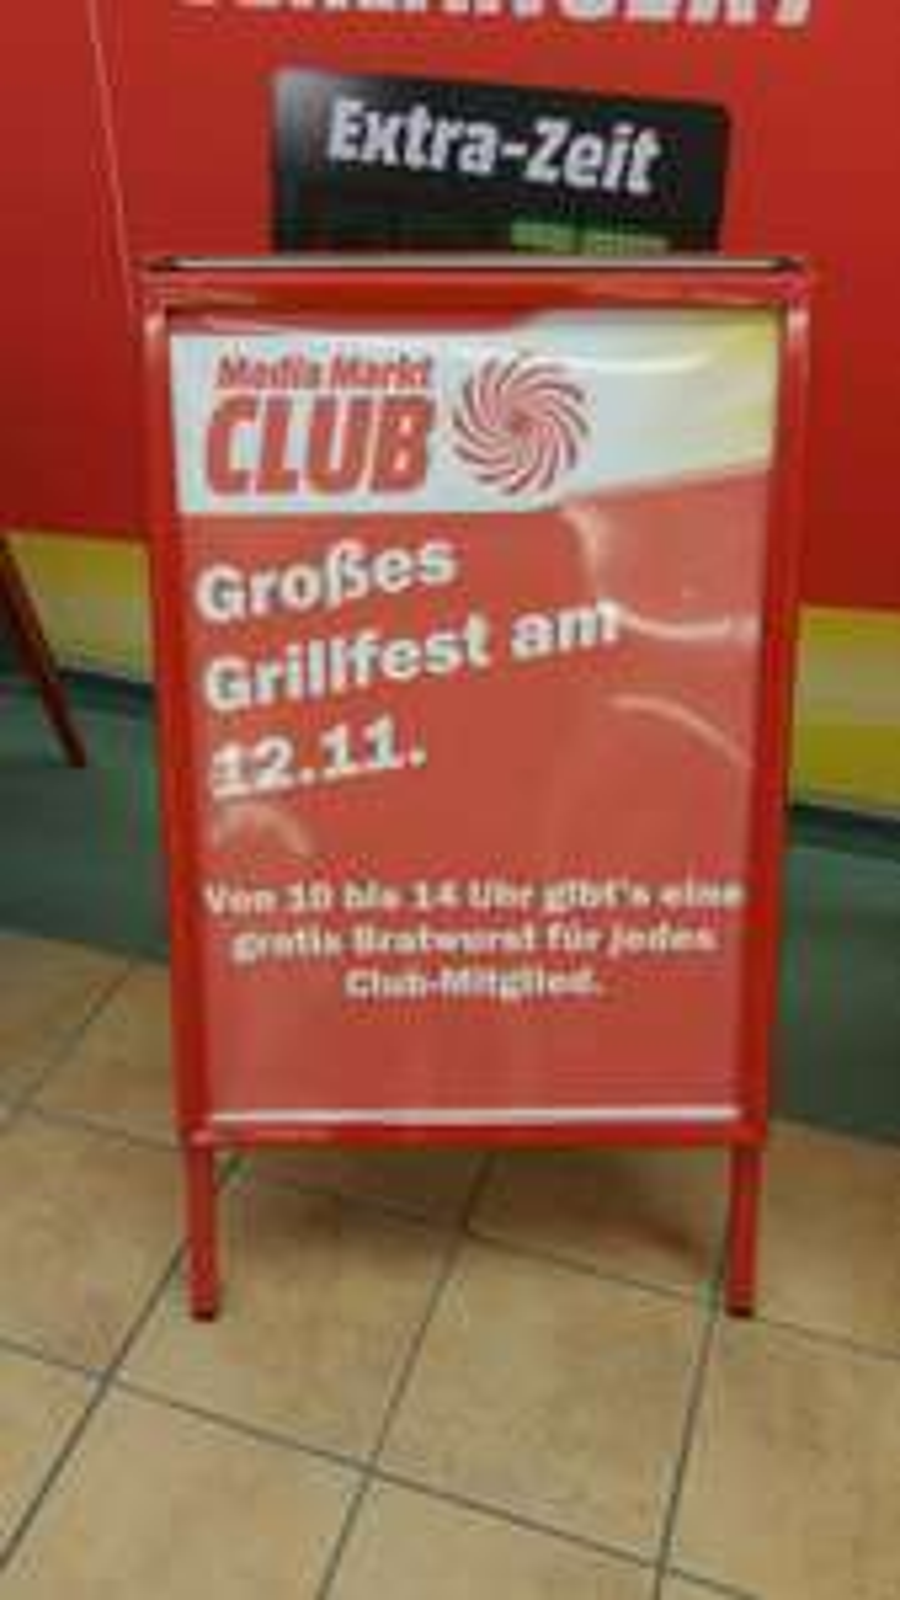 [ Local ] MediaMarkt Saarbrücken - Gratis Bratwurst für Clubmitglieder